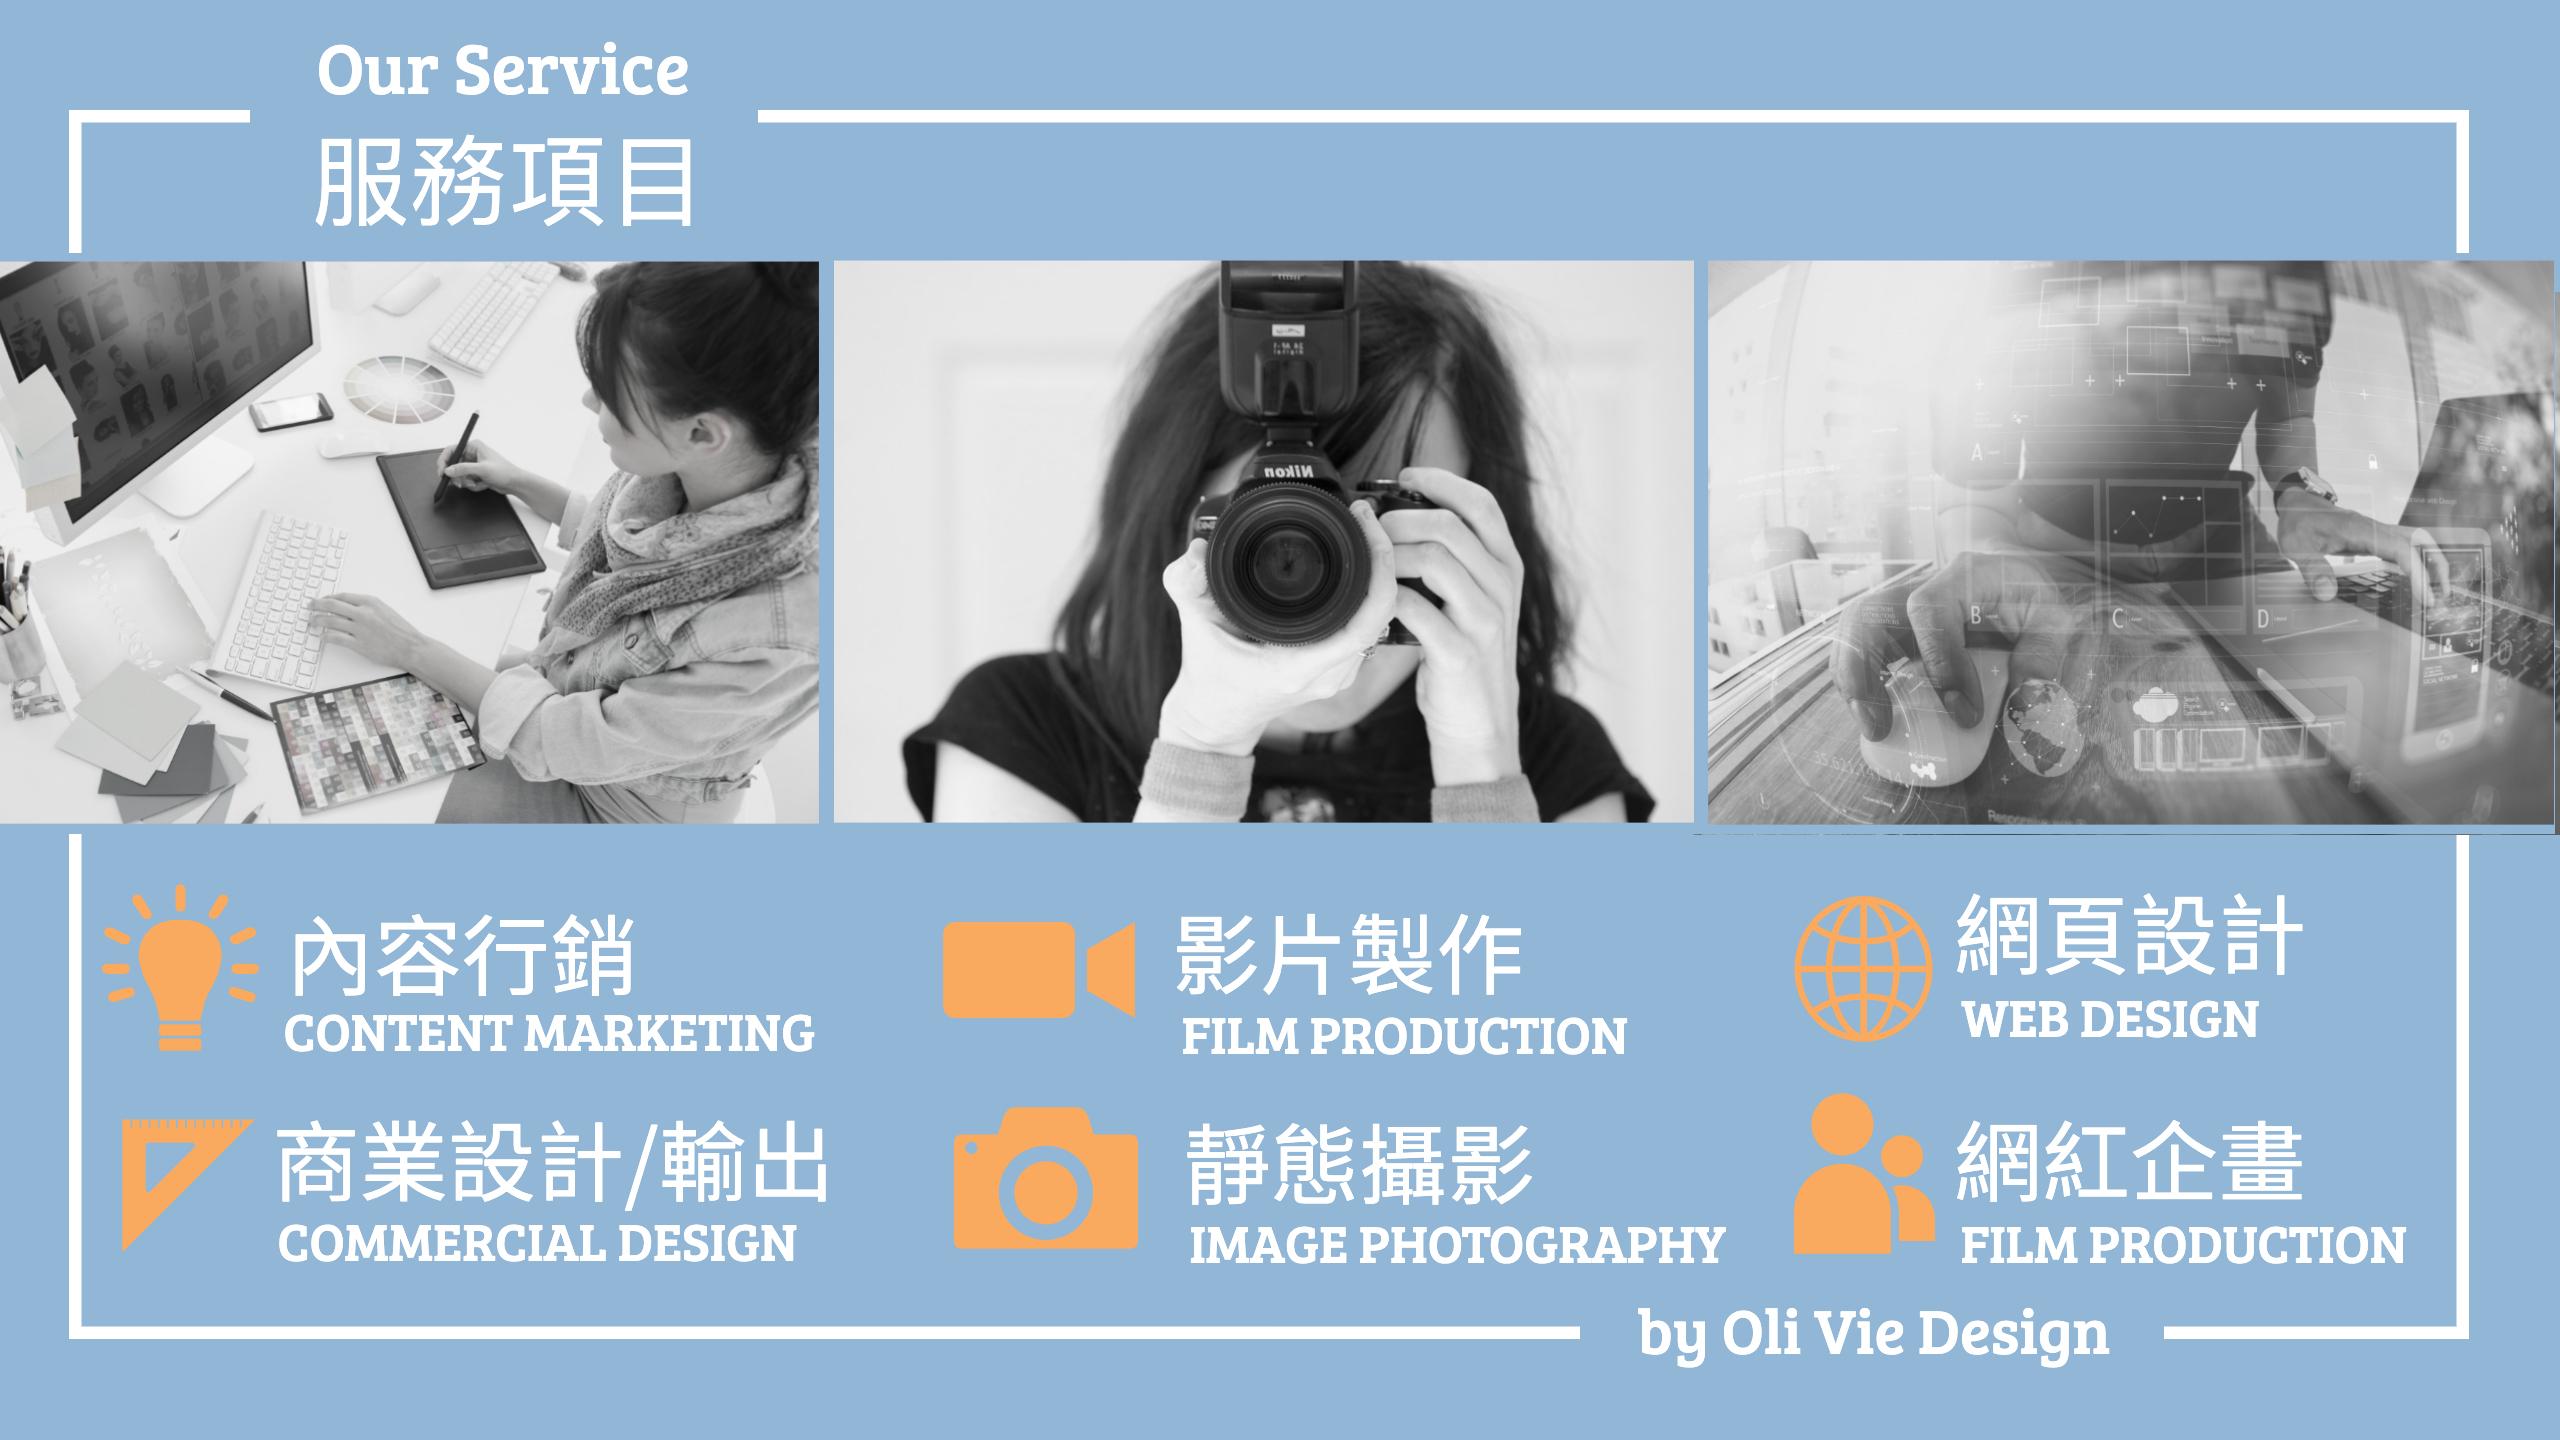 小編,設計,商業設計,包裝設計,LOGO,企畫,文案,拍影音,影片製作,影像製作,產品拍攝,人物拍攝,網紅企畫,社群行銷,網紅企畫,網頁設計